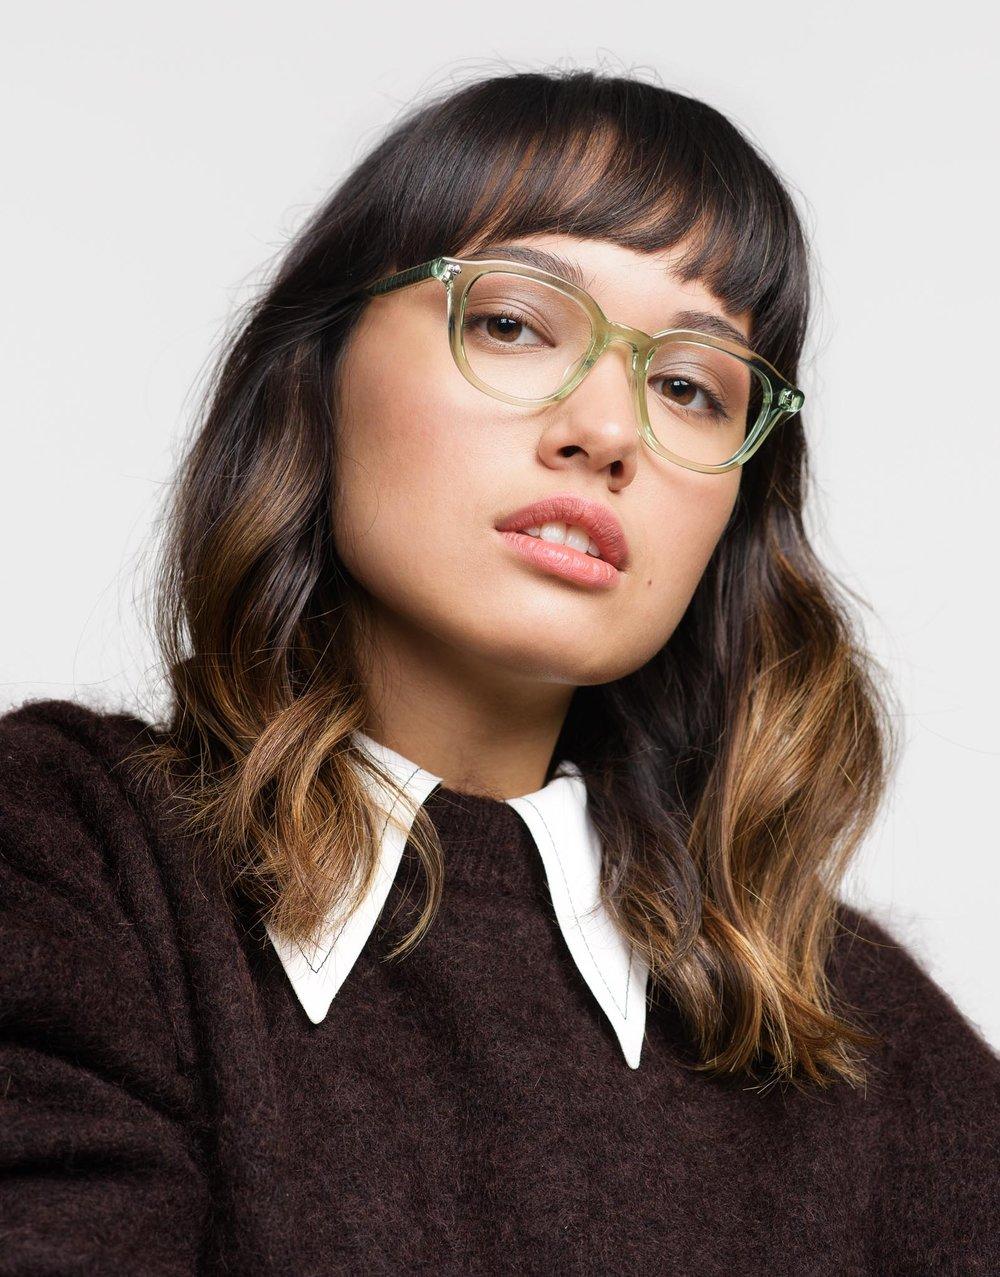 lunetterie generale